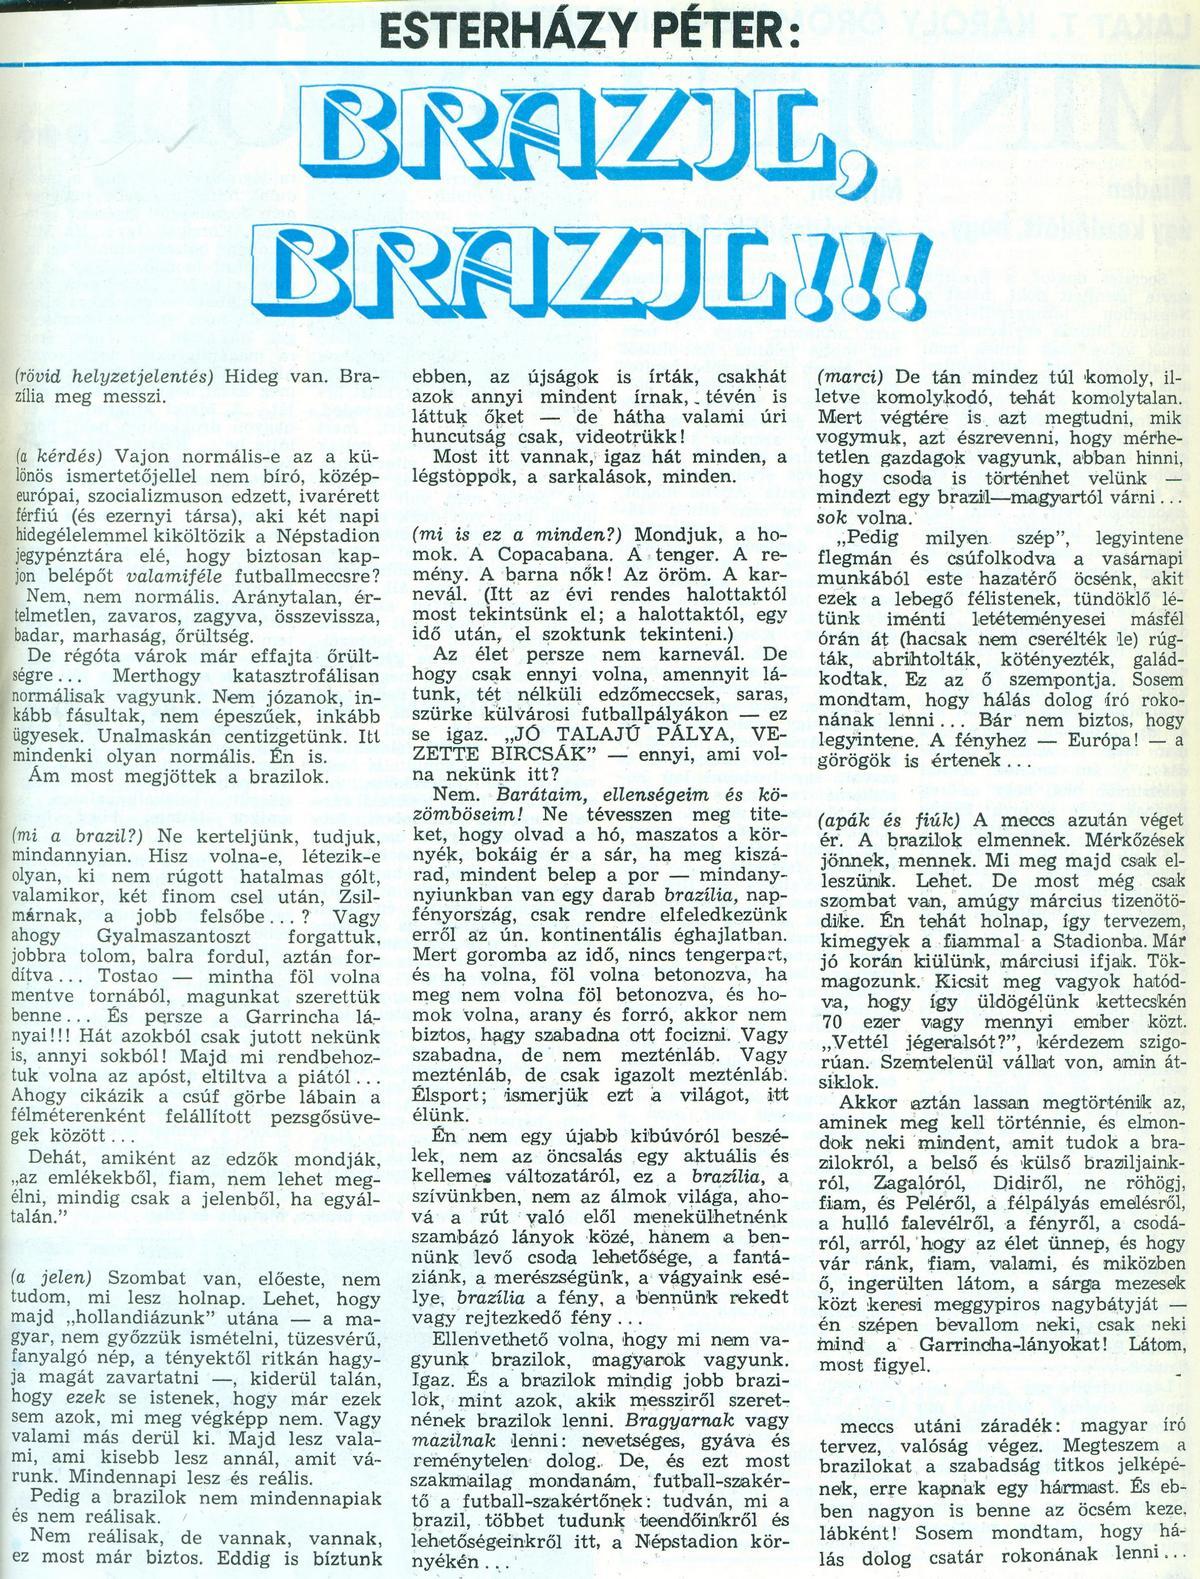 KS_1986_Brazil, brazil!!!